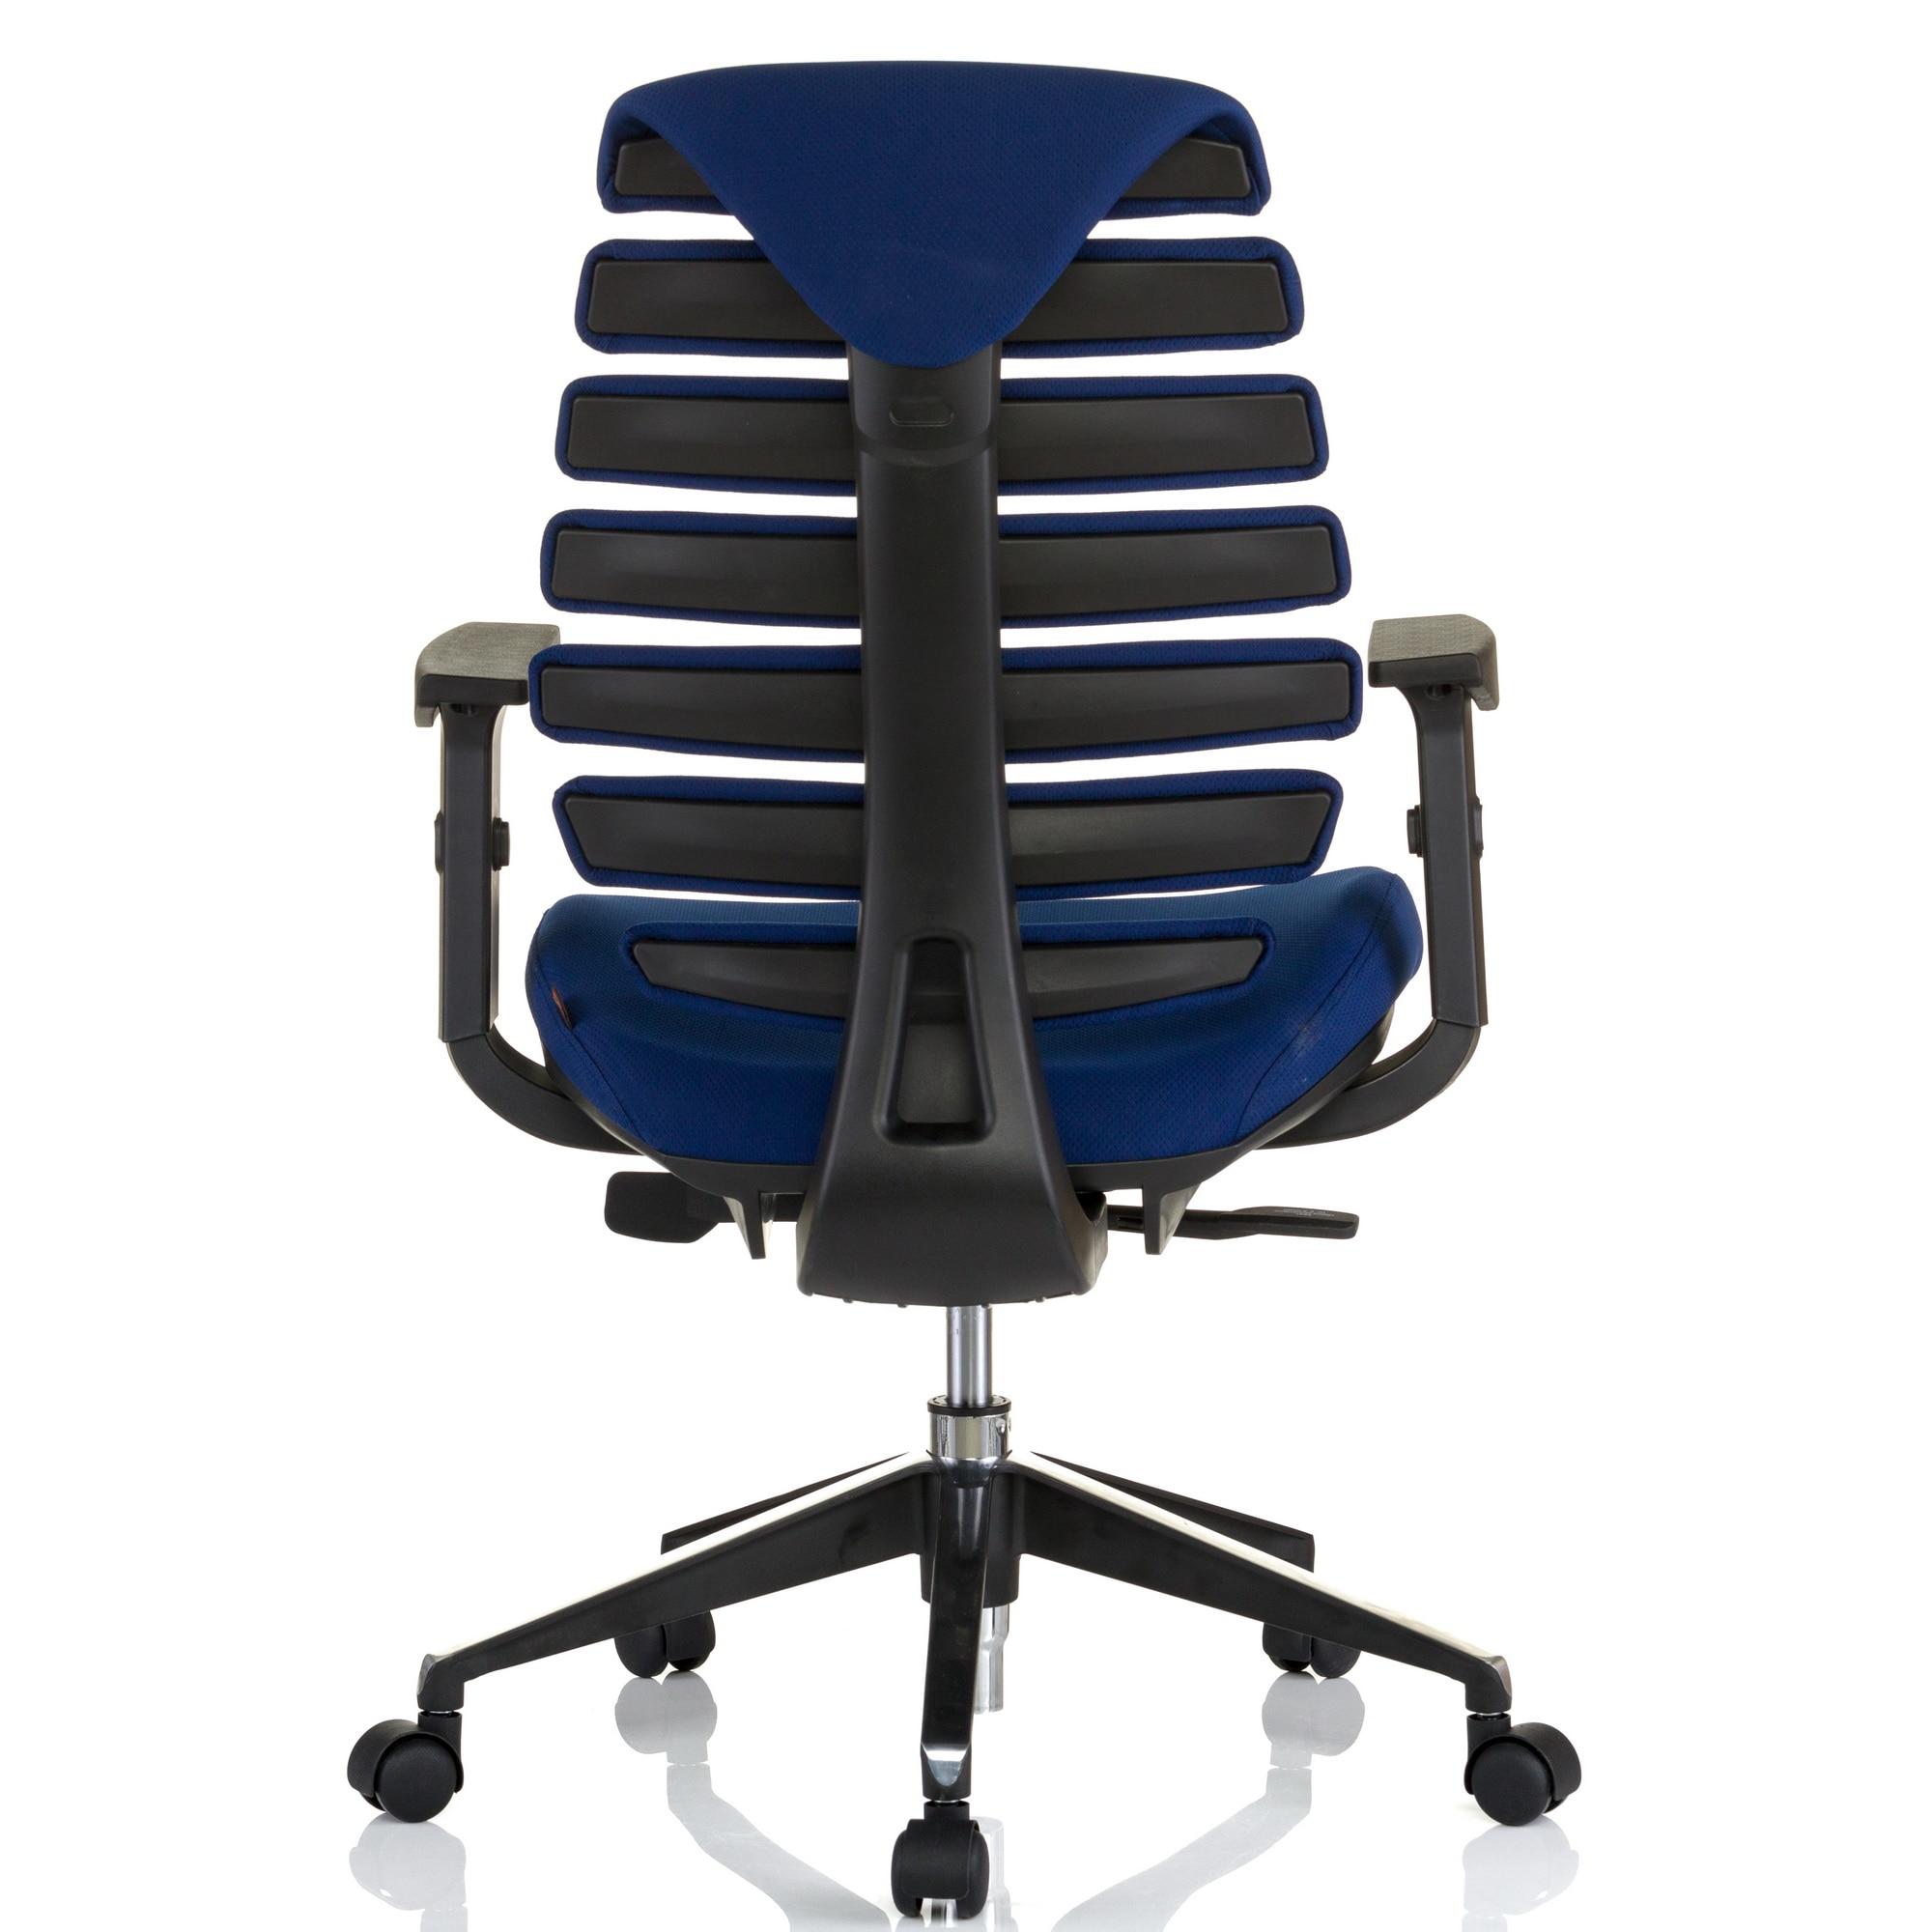 QMOBILI ERGO LINE Kék ergonomikus szék, szövet, csúszó ülés, önállóan állítható deréktámasz, állítható 3D karfa, alumínium csillagláb, gumírozott